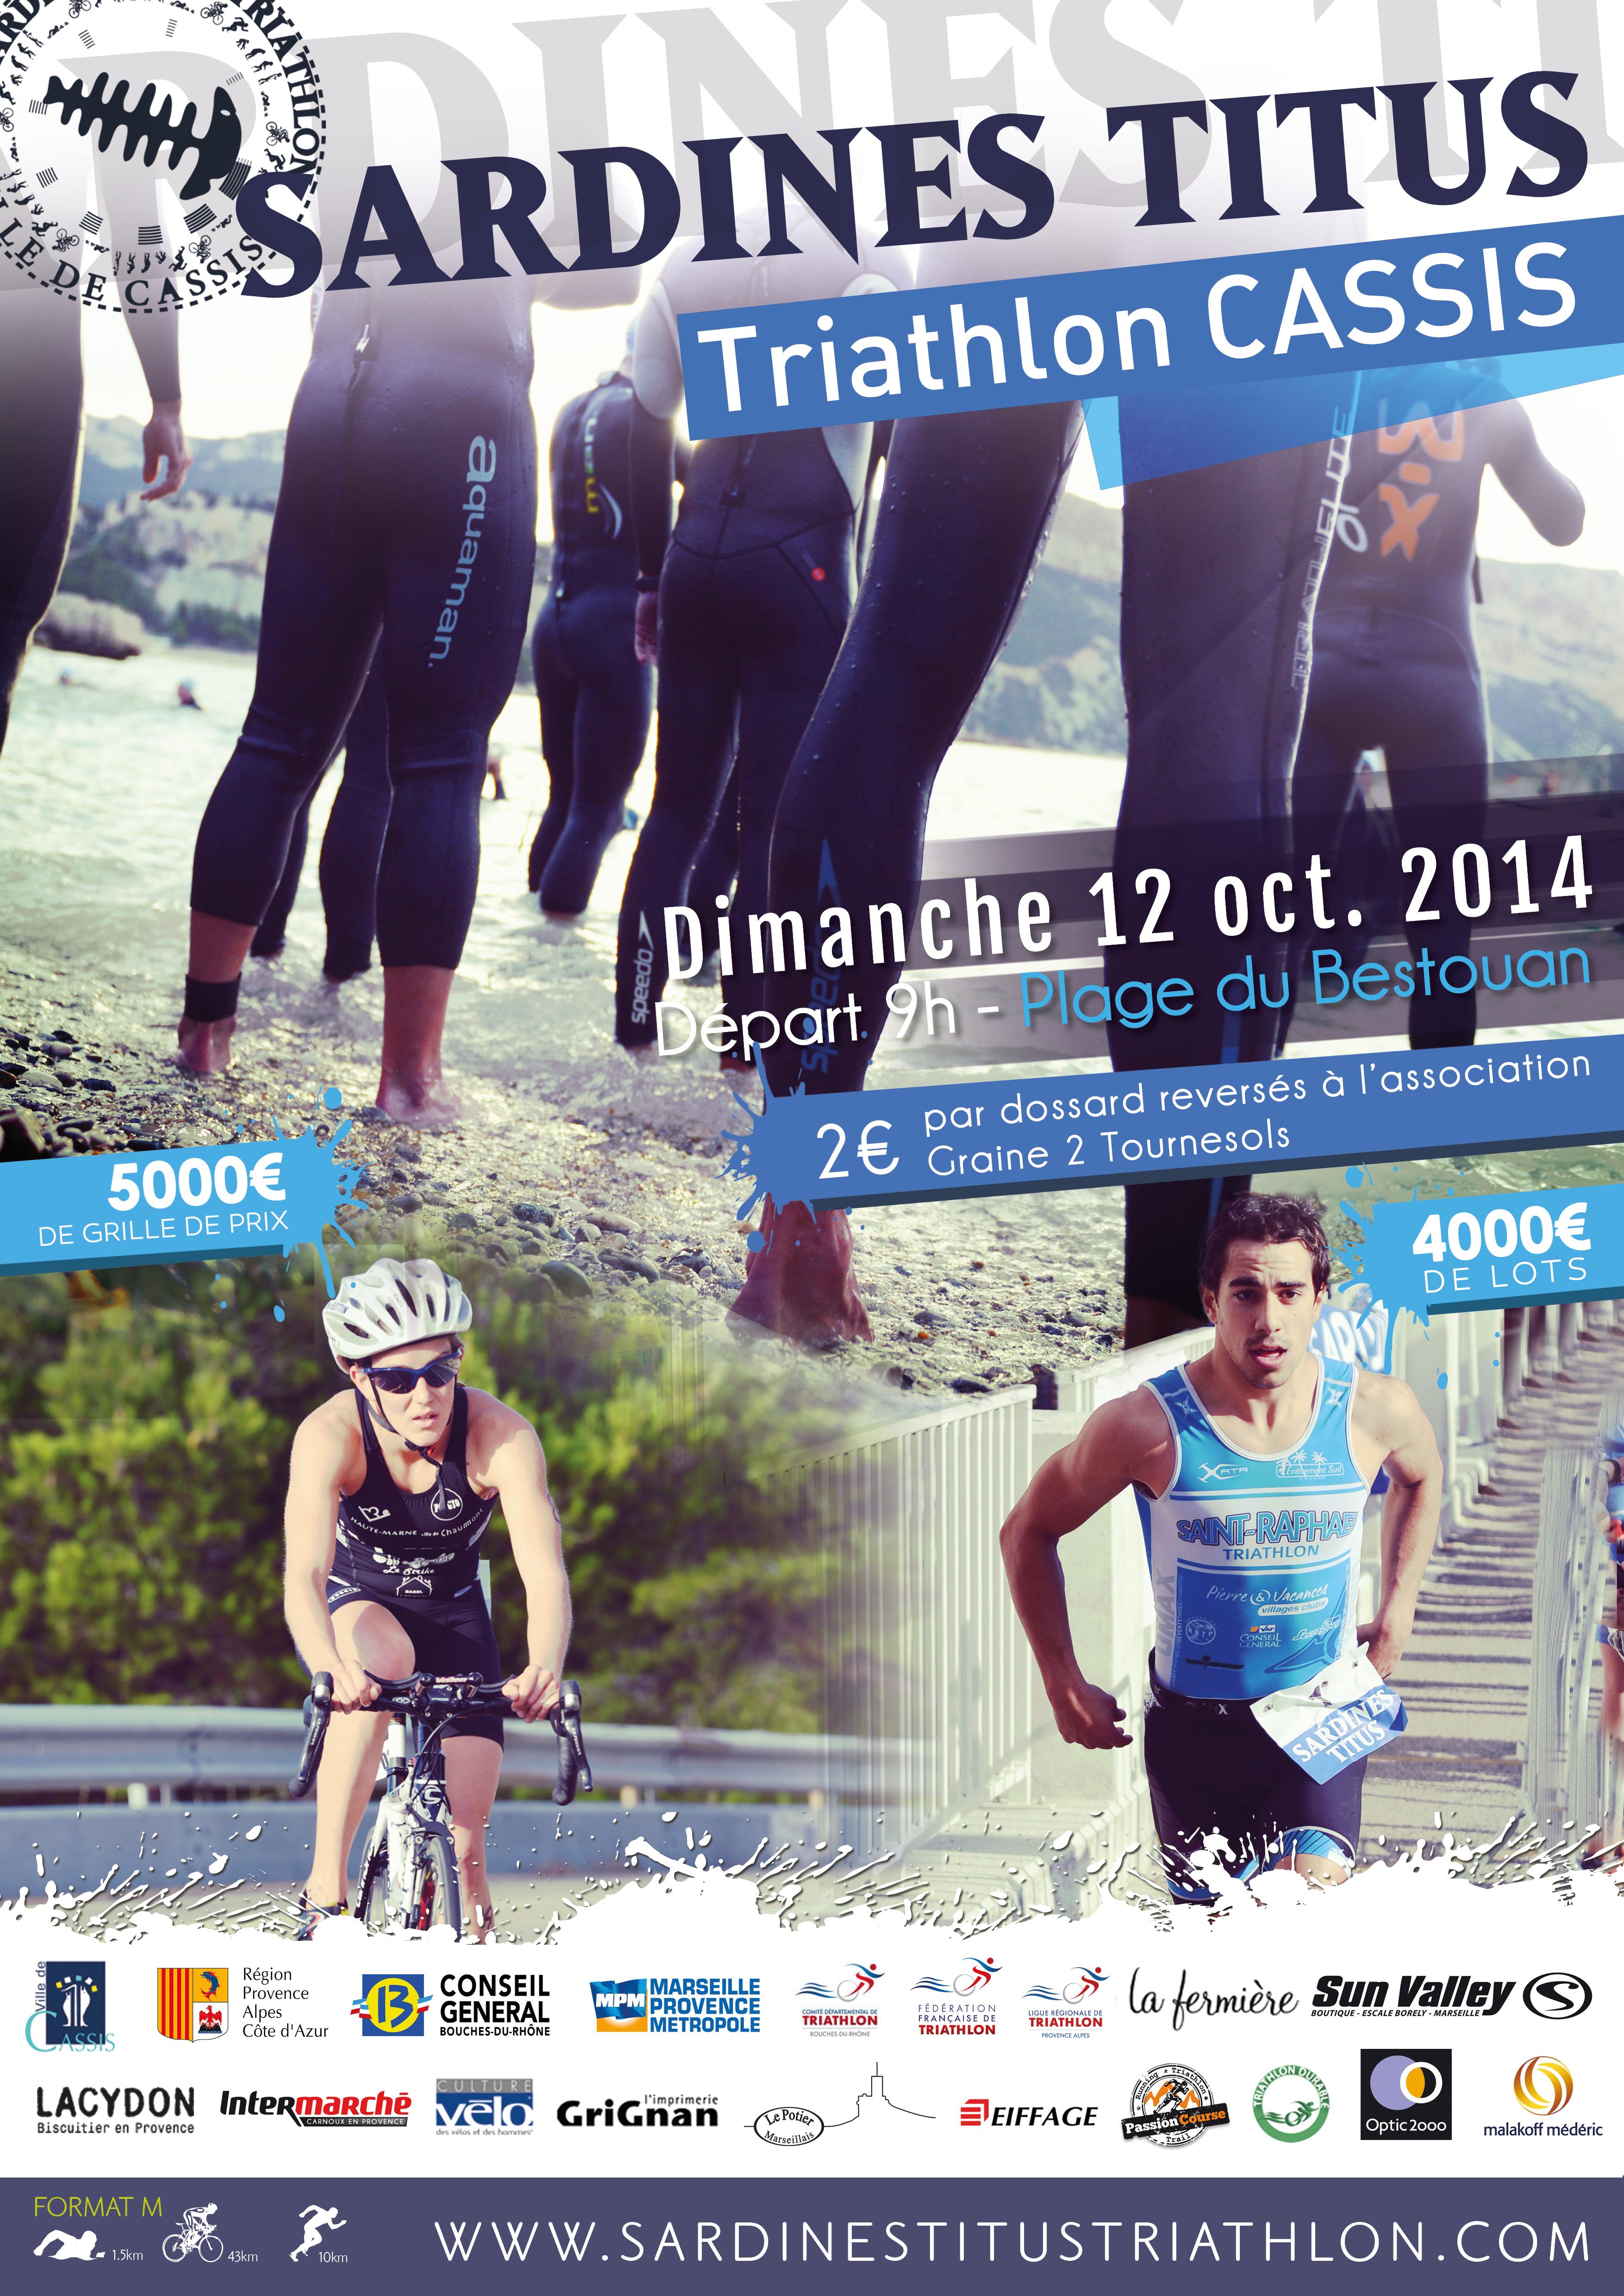 Sardines Titus Triathlon, c'est maintenant!!